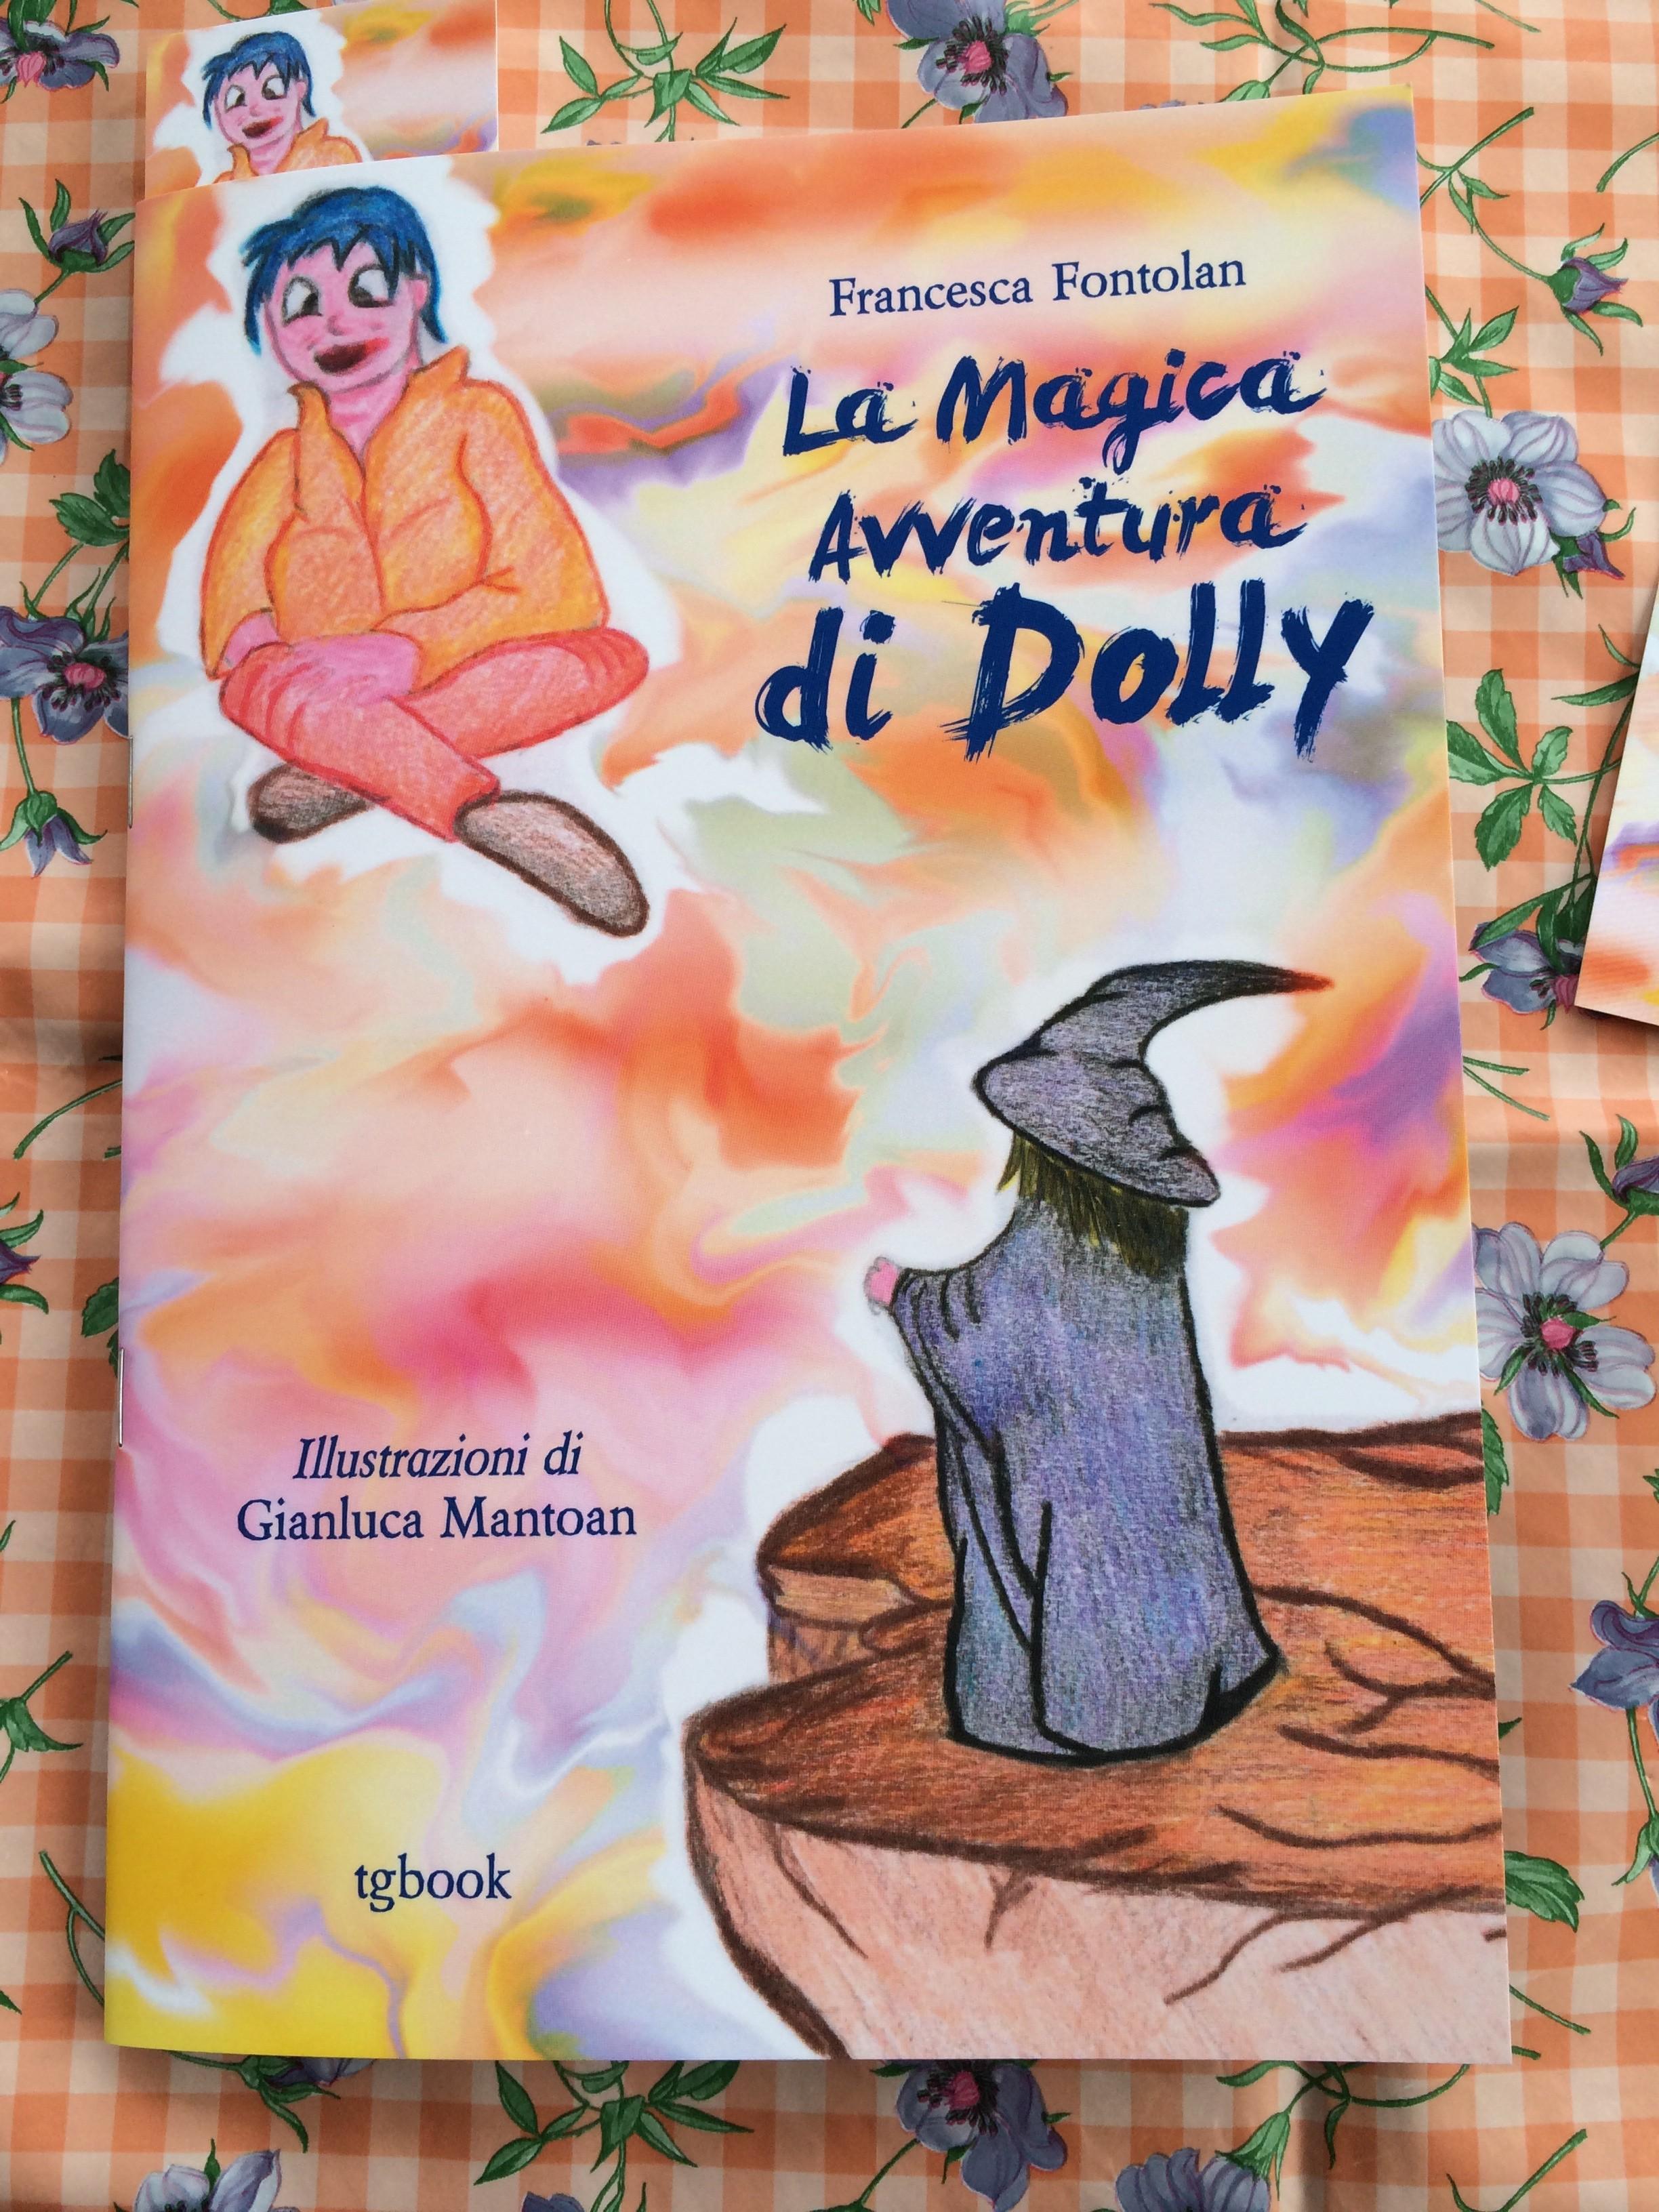 le magiche avventure di Dolly